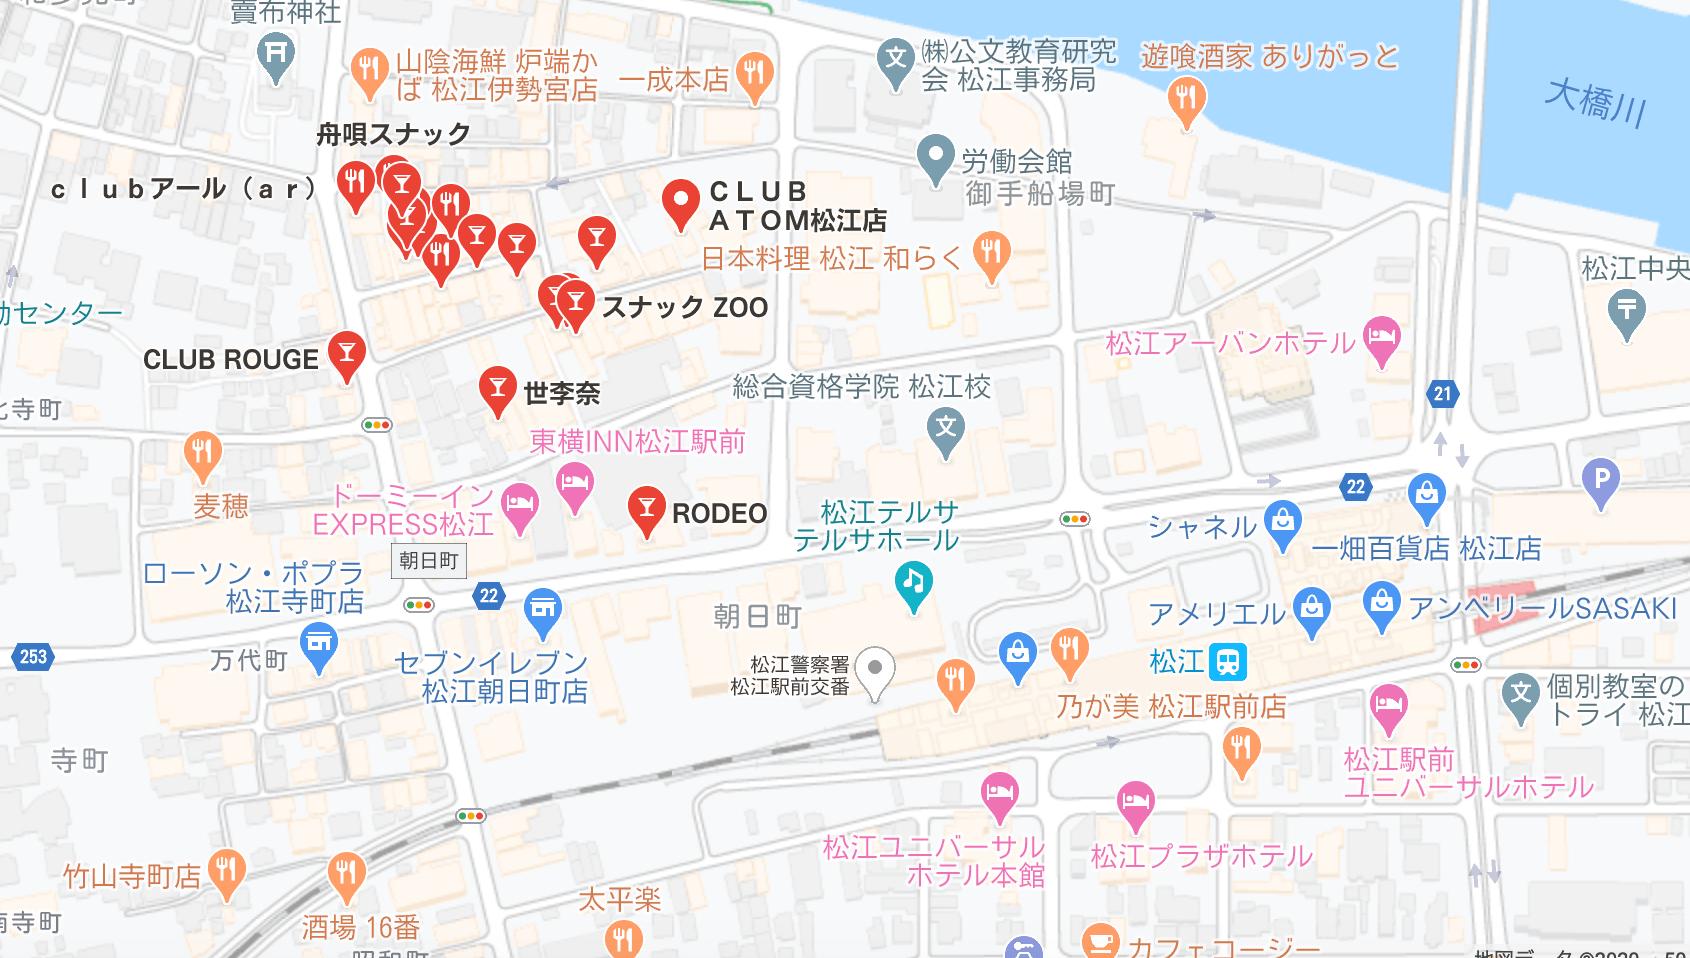 松江市 キャバクラ